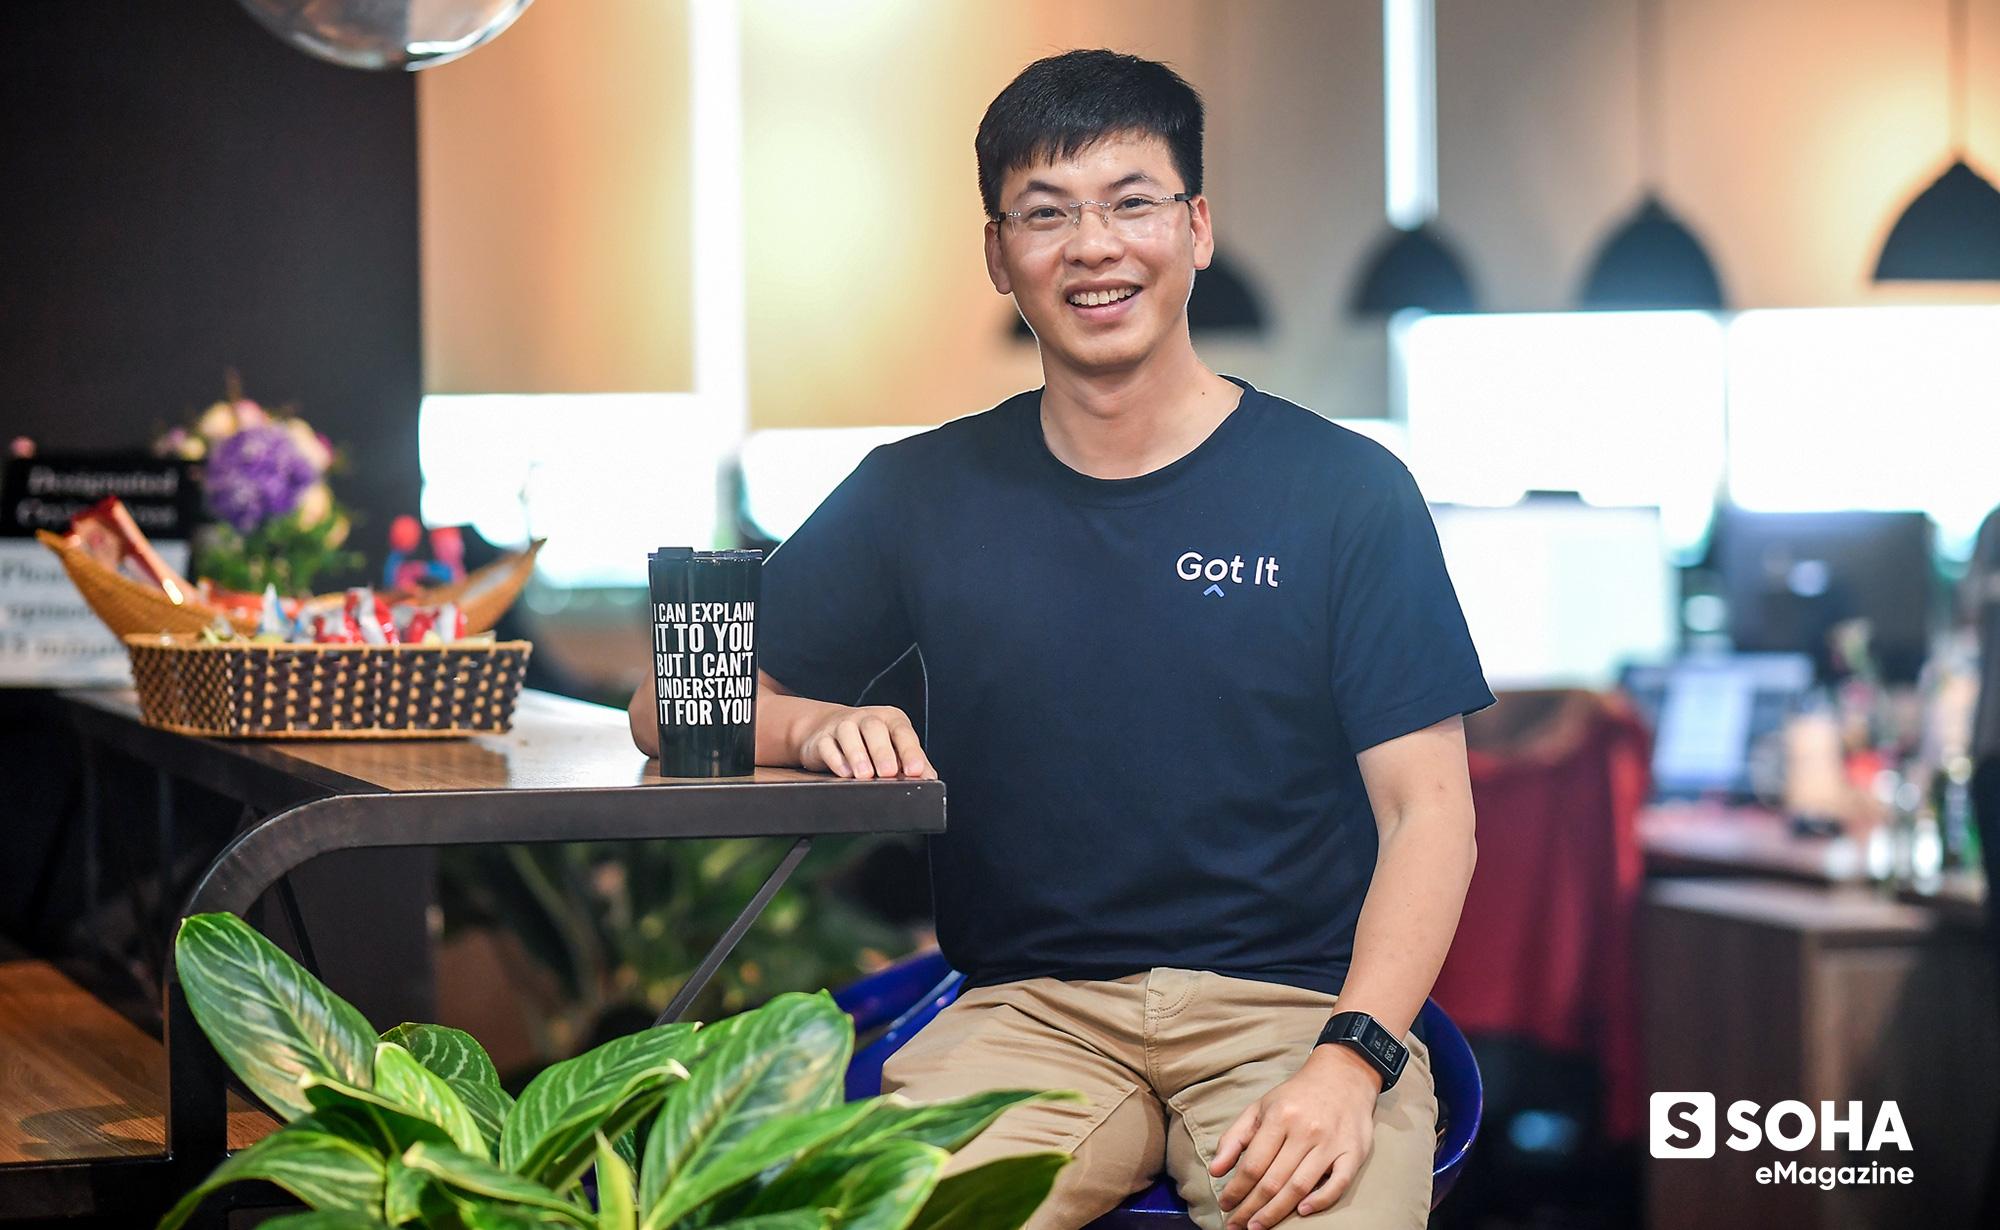 Người Việt mời được Bố già Silicon Valley đầu quân cho mình: Nếu giữ tốc độ hiện tại, 5 năm nữa công ty tôi sẽ vượt mức tỷ đô - Ảnh 29.